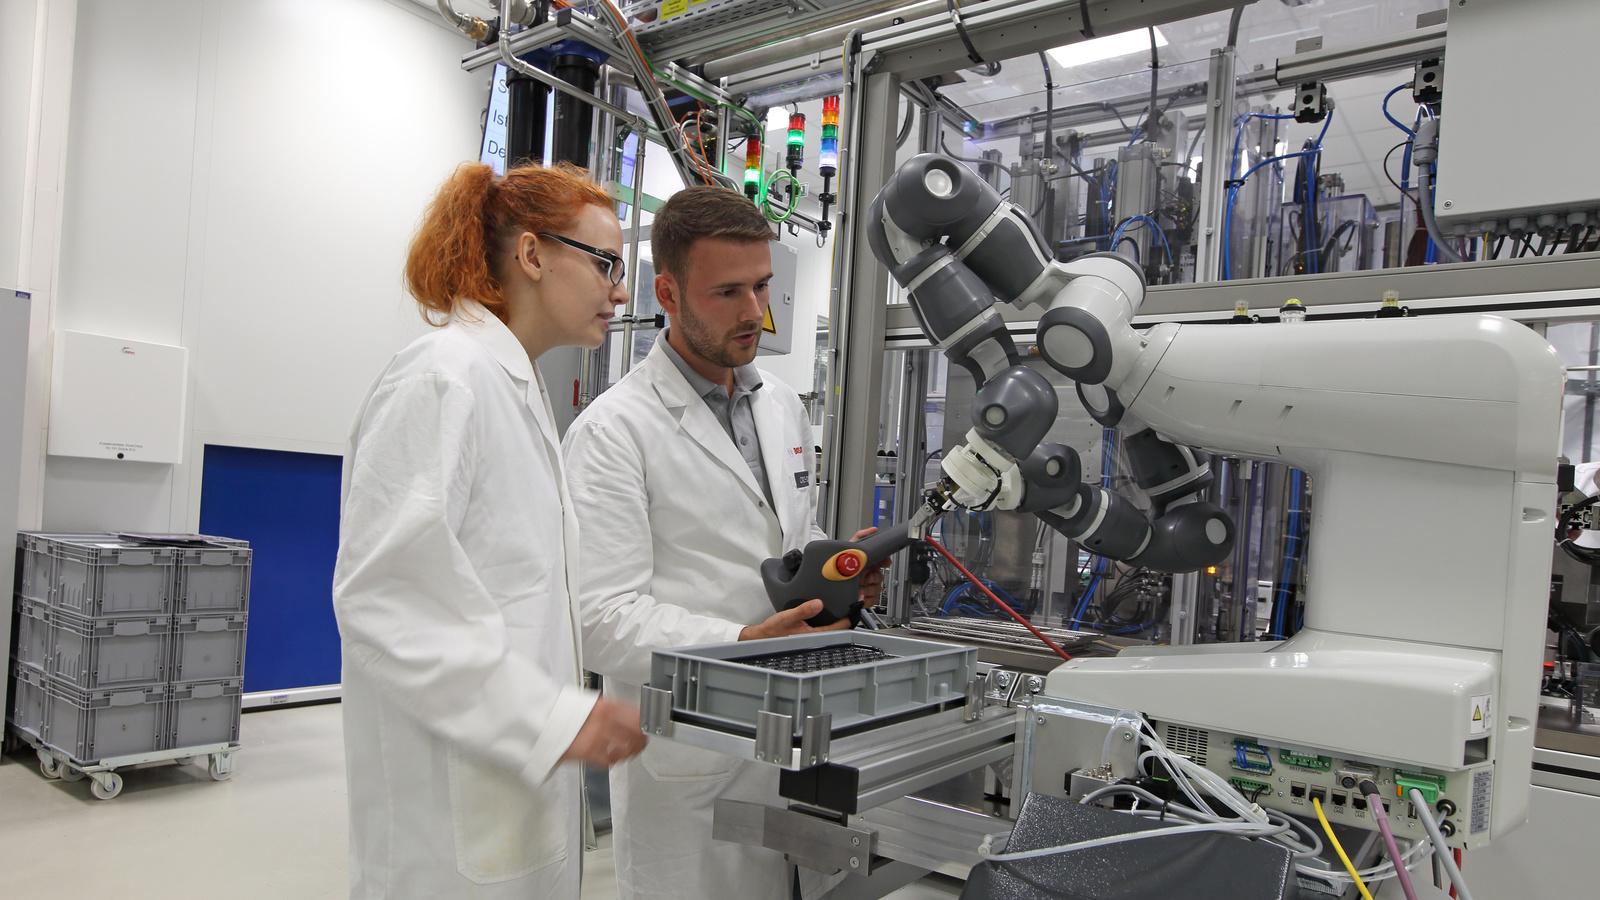 Ausbildung 4.0 – Zusammenarbeit mit Robotern